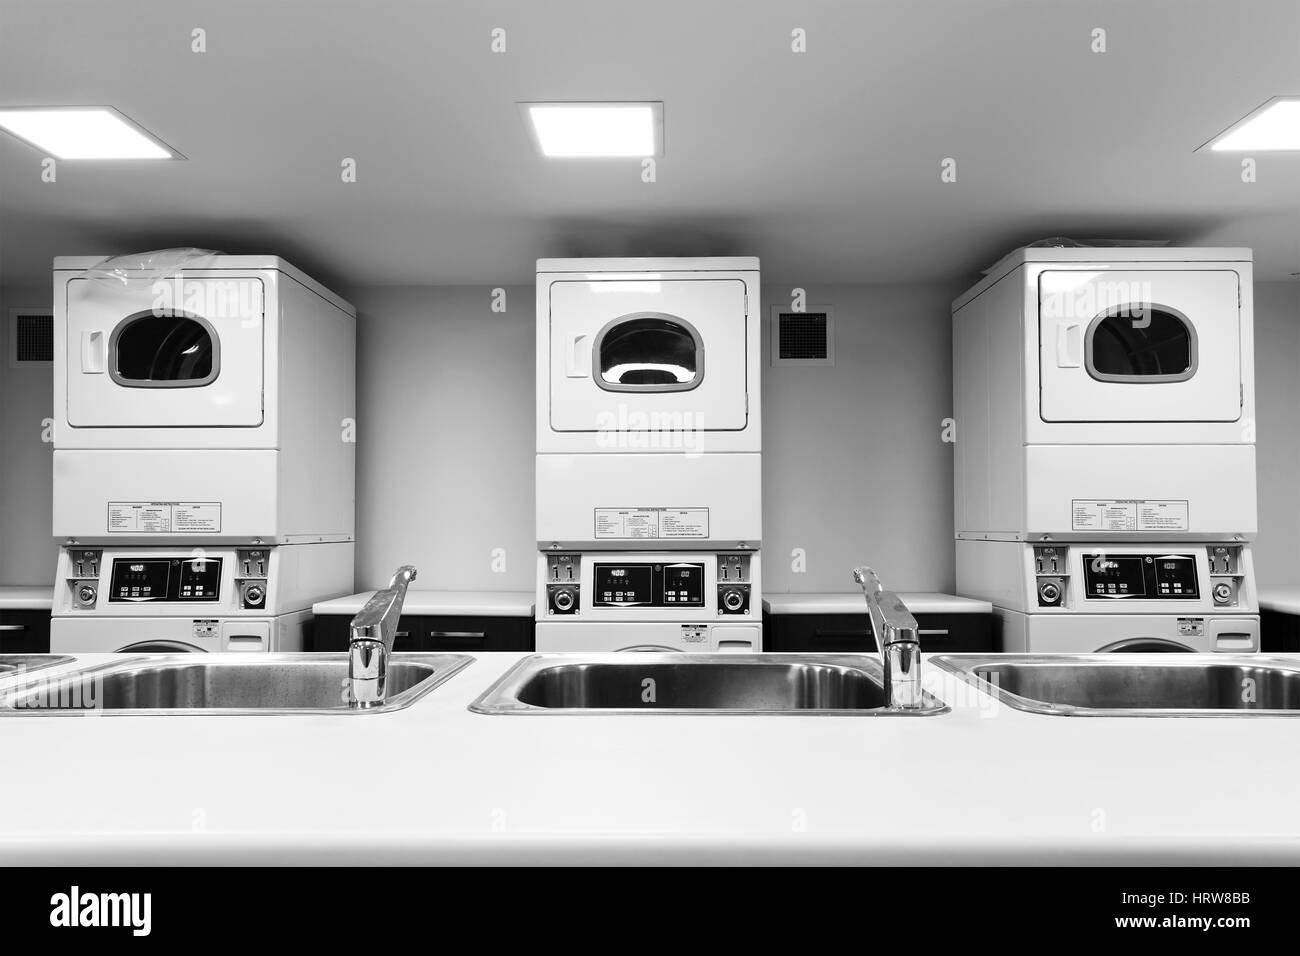 Beliebt Linie der großen SB-Waschmaschinen und Trockner und Wäsche neben WC48